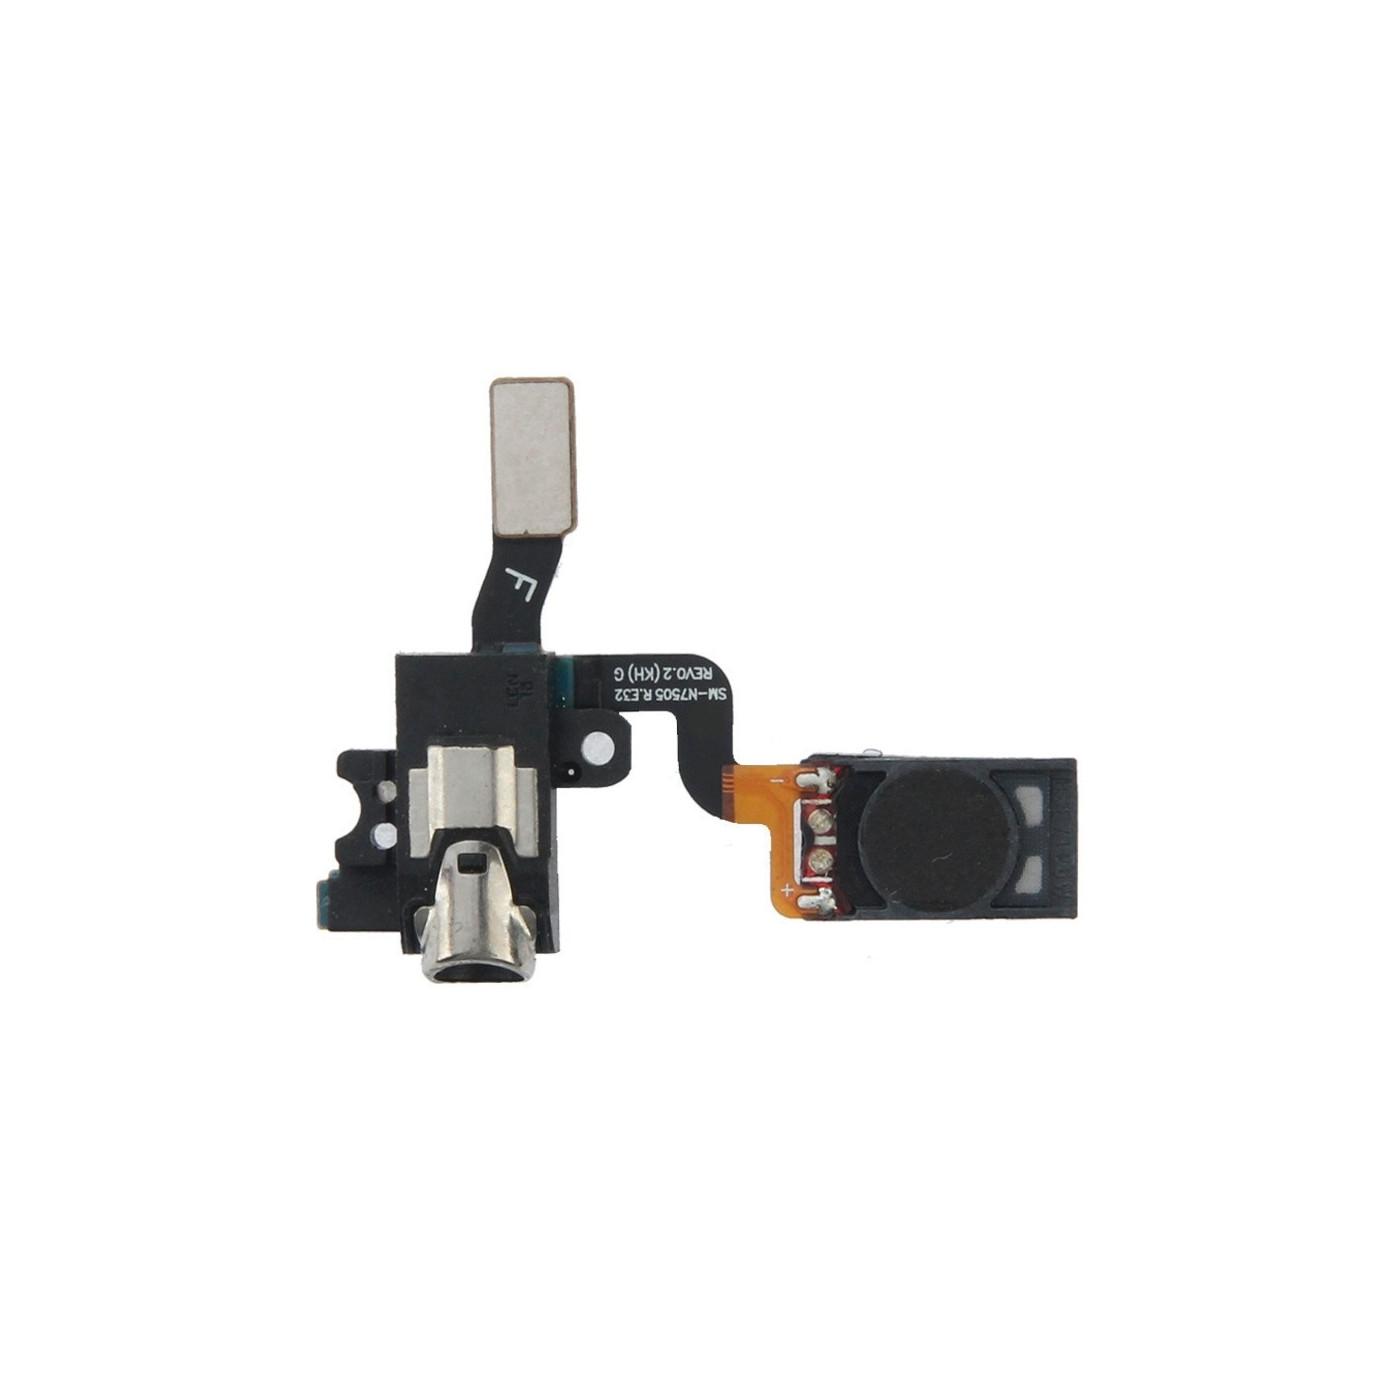 Flat Flex Audio Jack für Samsung Galaxy Note 3 Neo N7505 Ersatz-Headset